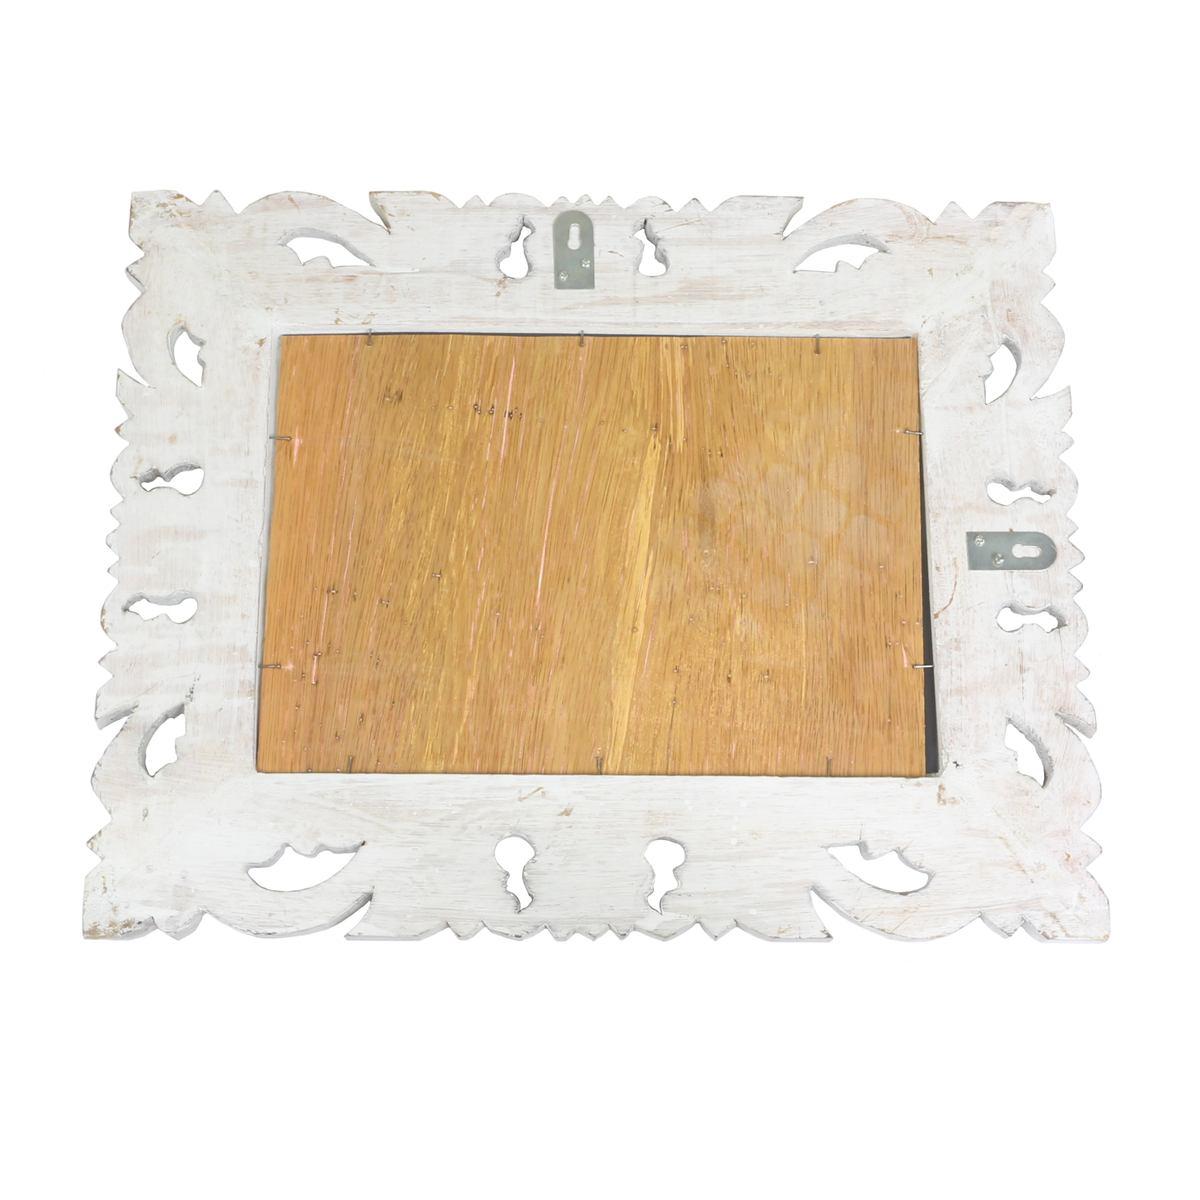 Barock Wandspiegel Spiegel Schminkspiegel Landhaus Holzrahmen Vintage  Shabby Chic Weiß/Gold 40 x 50cm